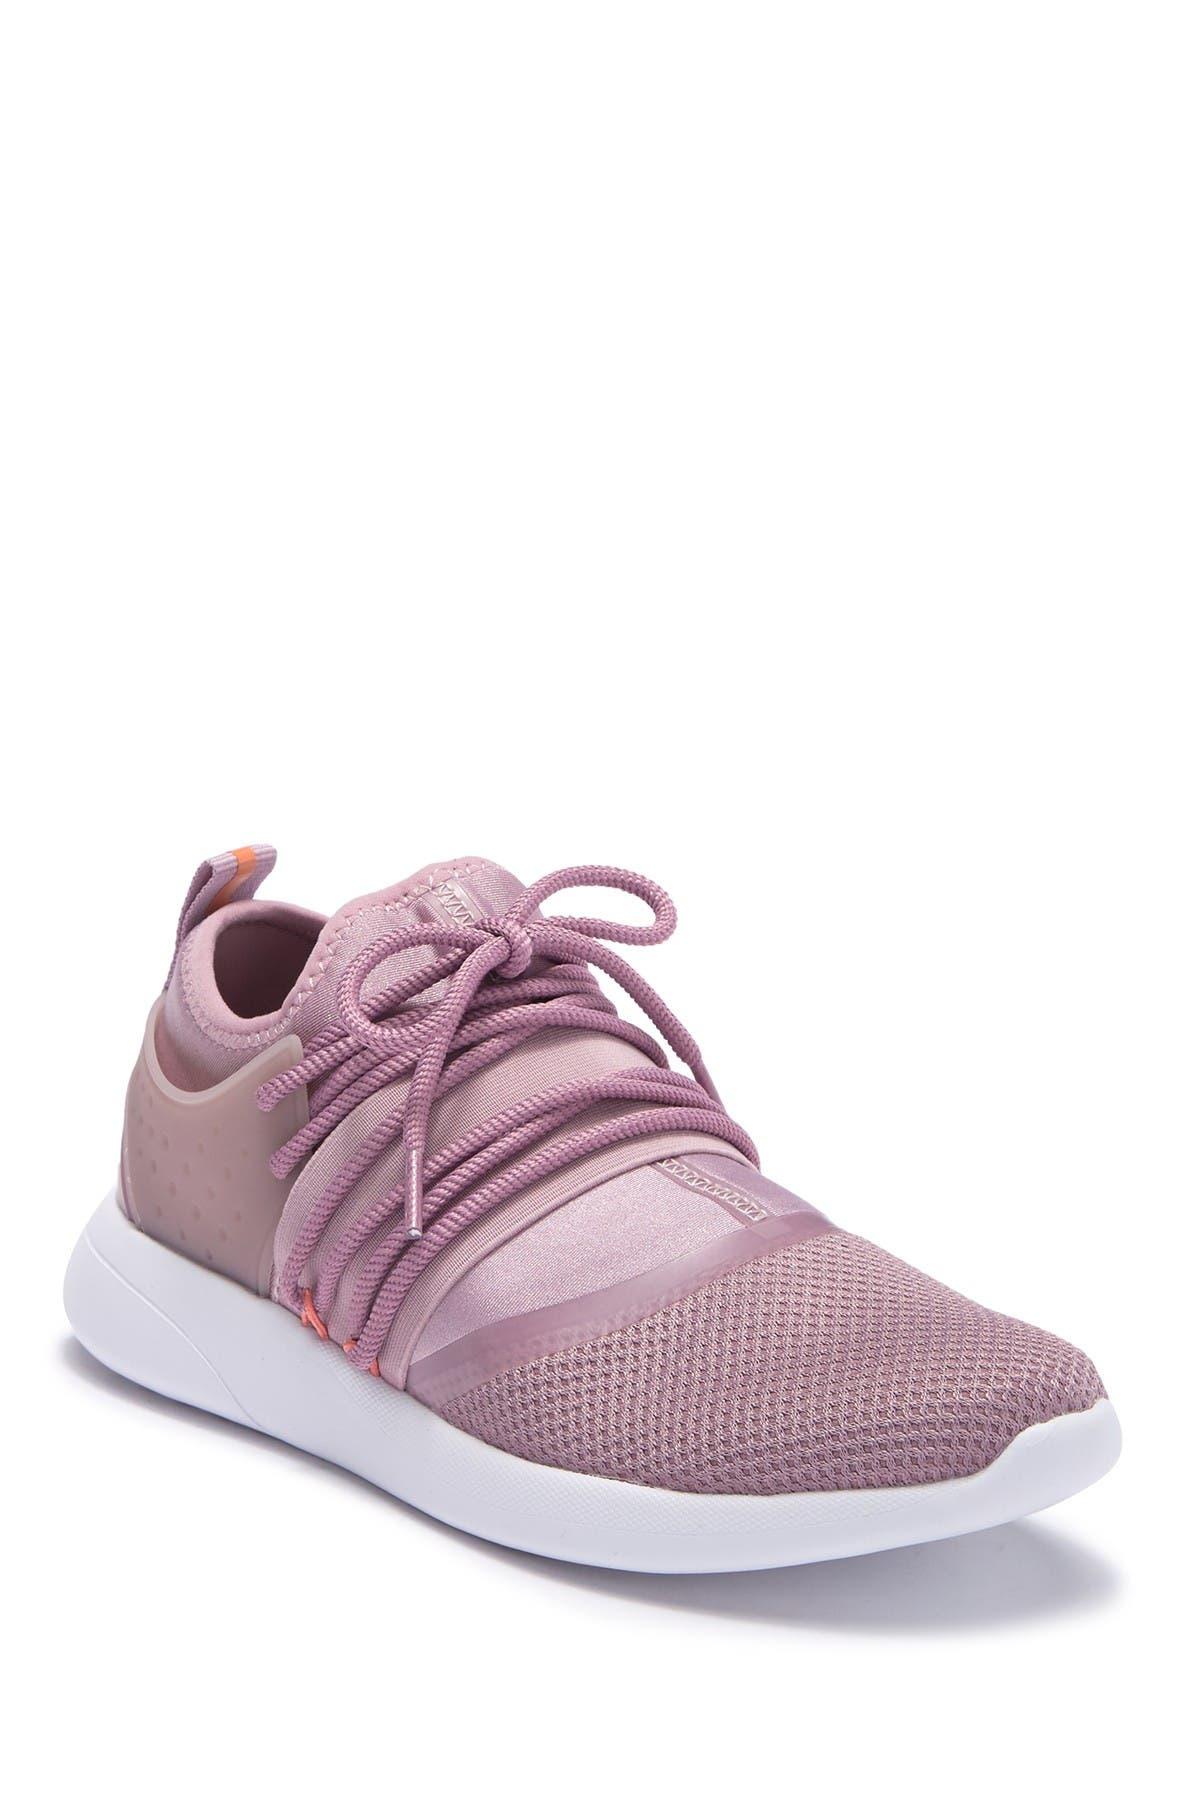 Fabletics Active | Pismo Mesh Sneaker